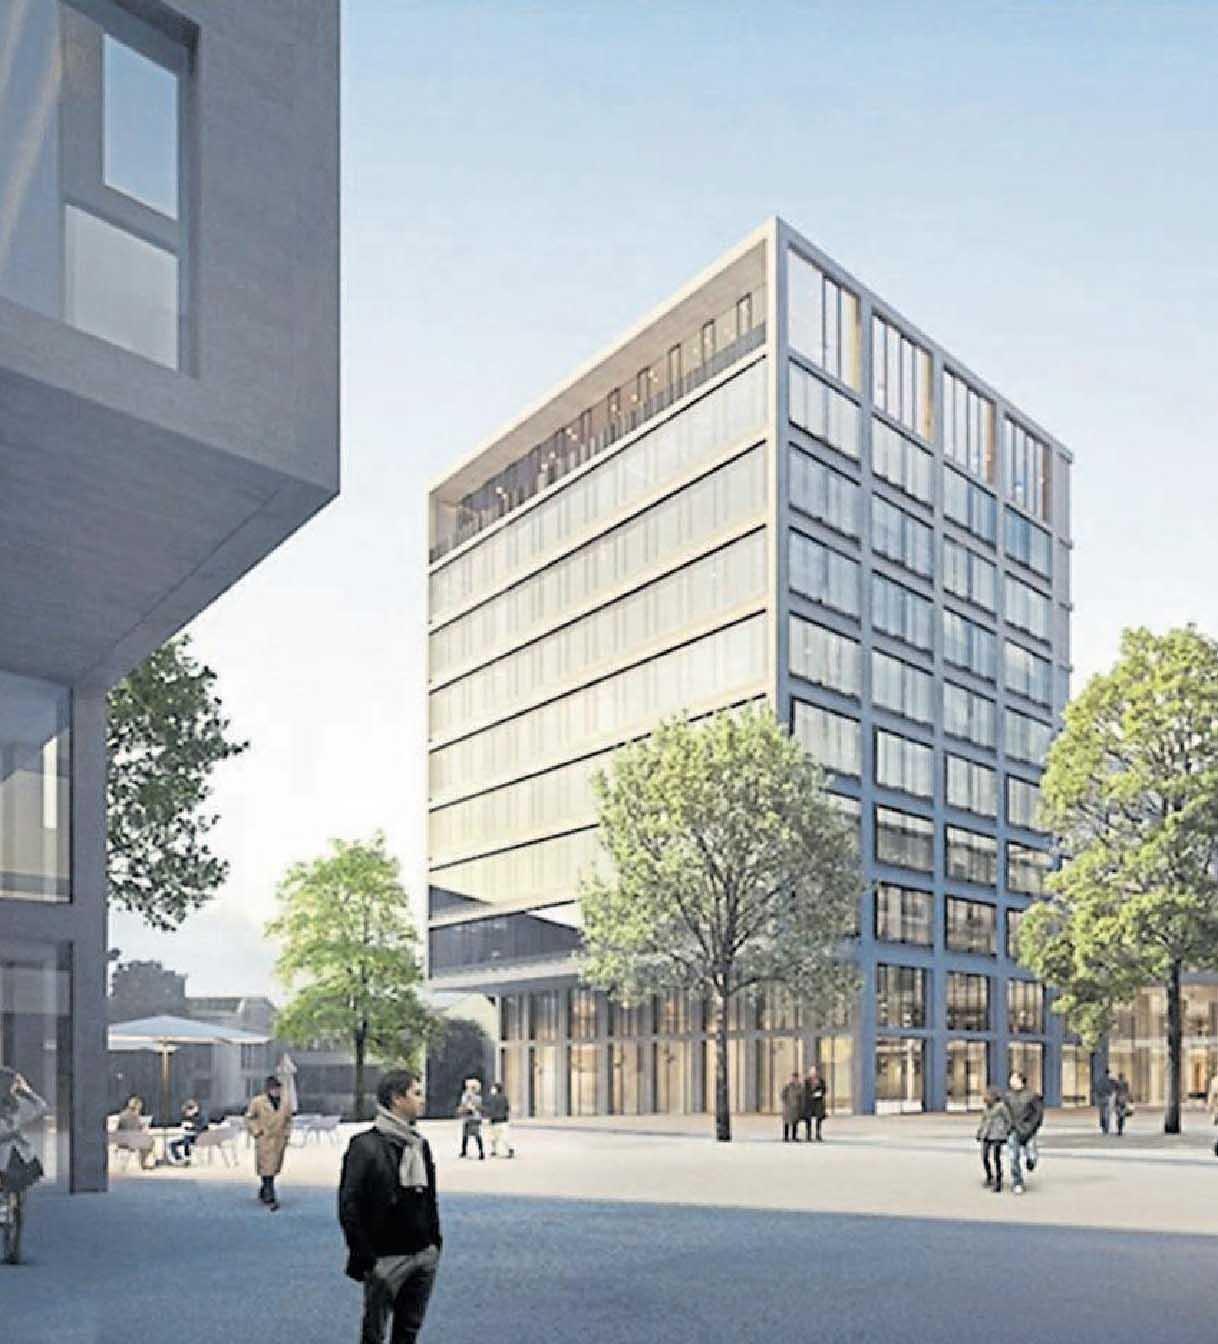 Siège de la sécurité sociale – Luxconsult SA/Böge Lindner K2 Architekten/Architecture et Environnement SA